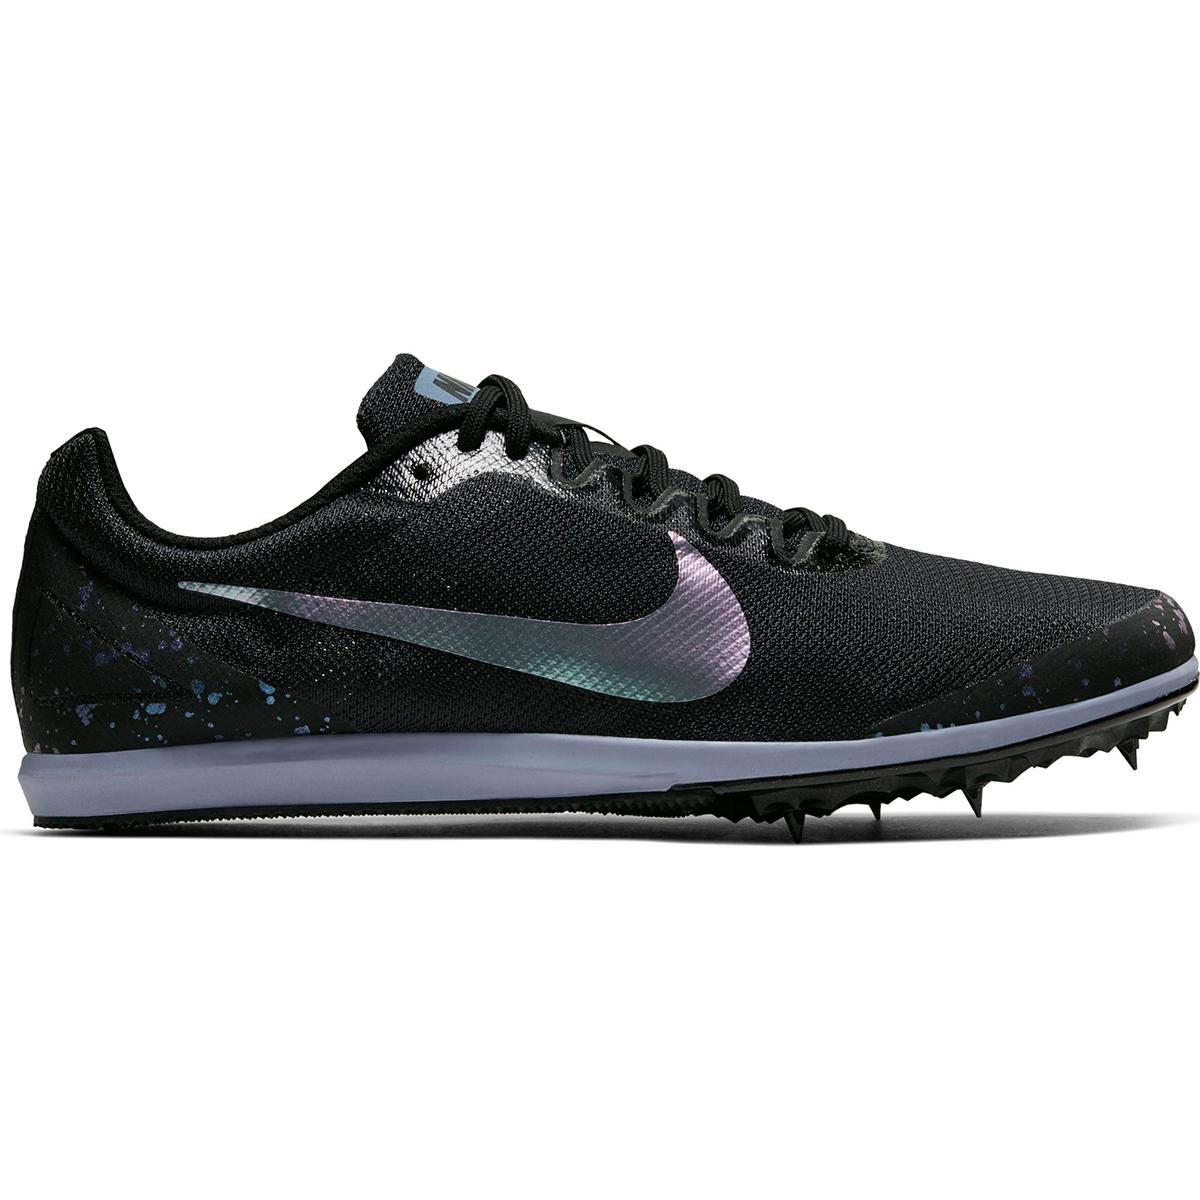 Nike Zoom Rival D 10 Track Spike - Color: Black/Indigo Fog (Regular Width) - Size: 6, Black/Indigo Fog, large, image 1